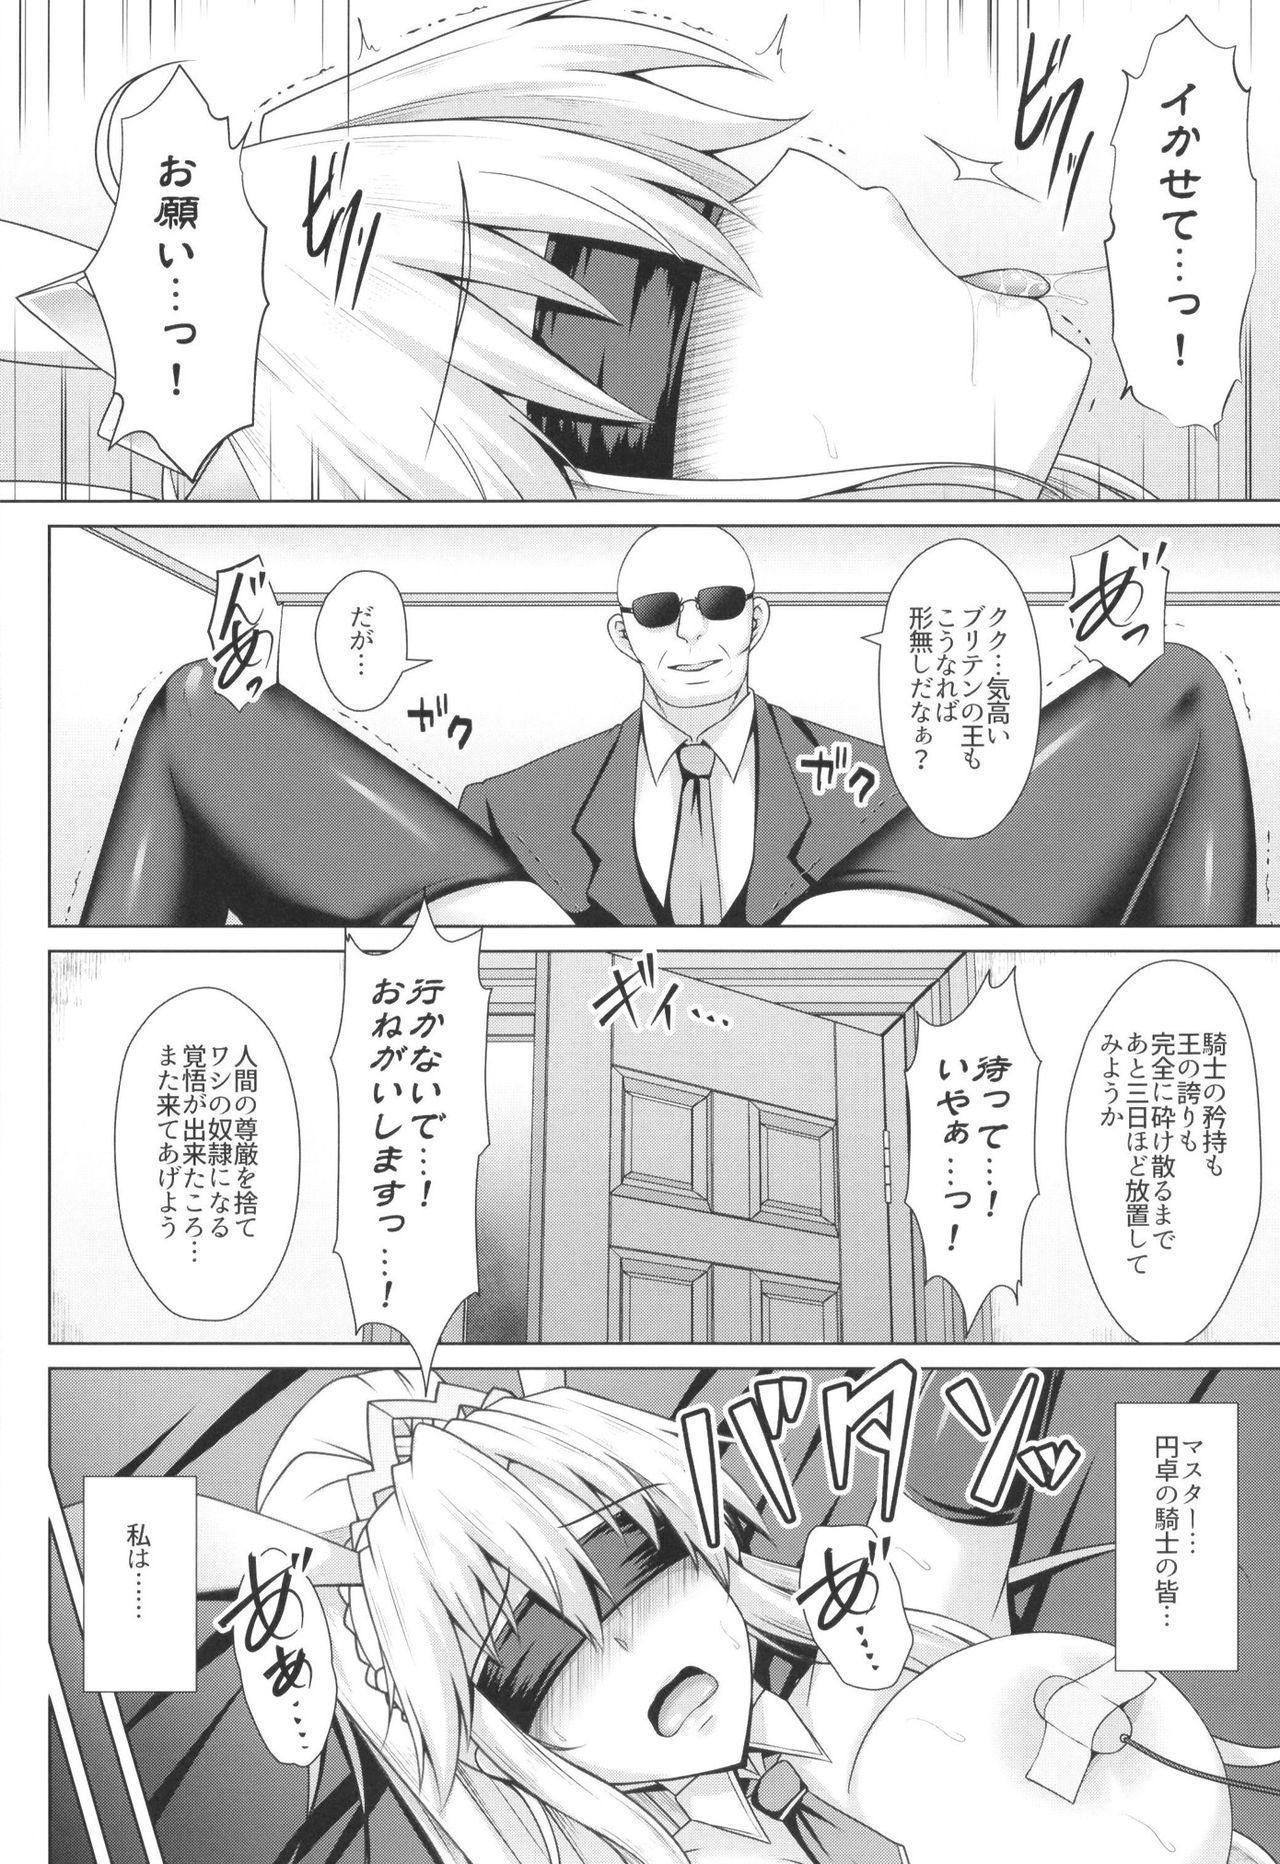 Shishi ga Usagi ni Ochiru Toki 13